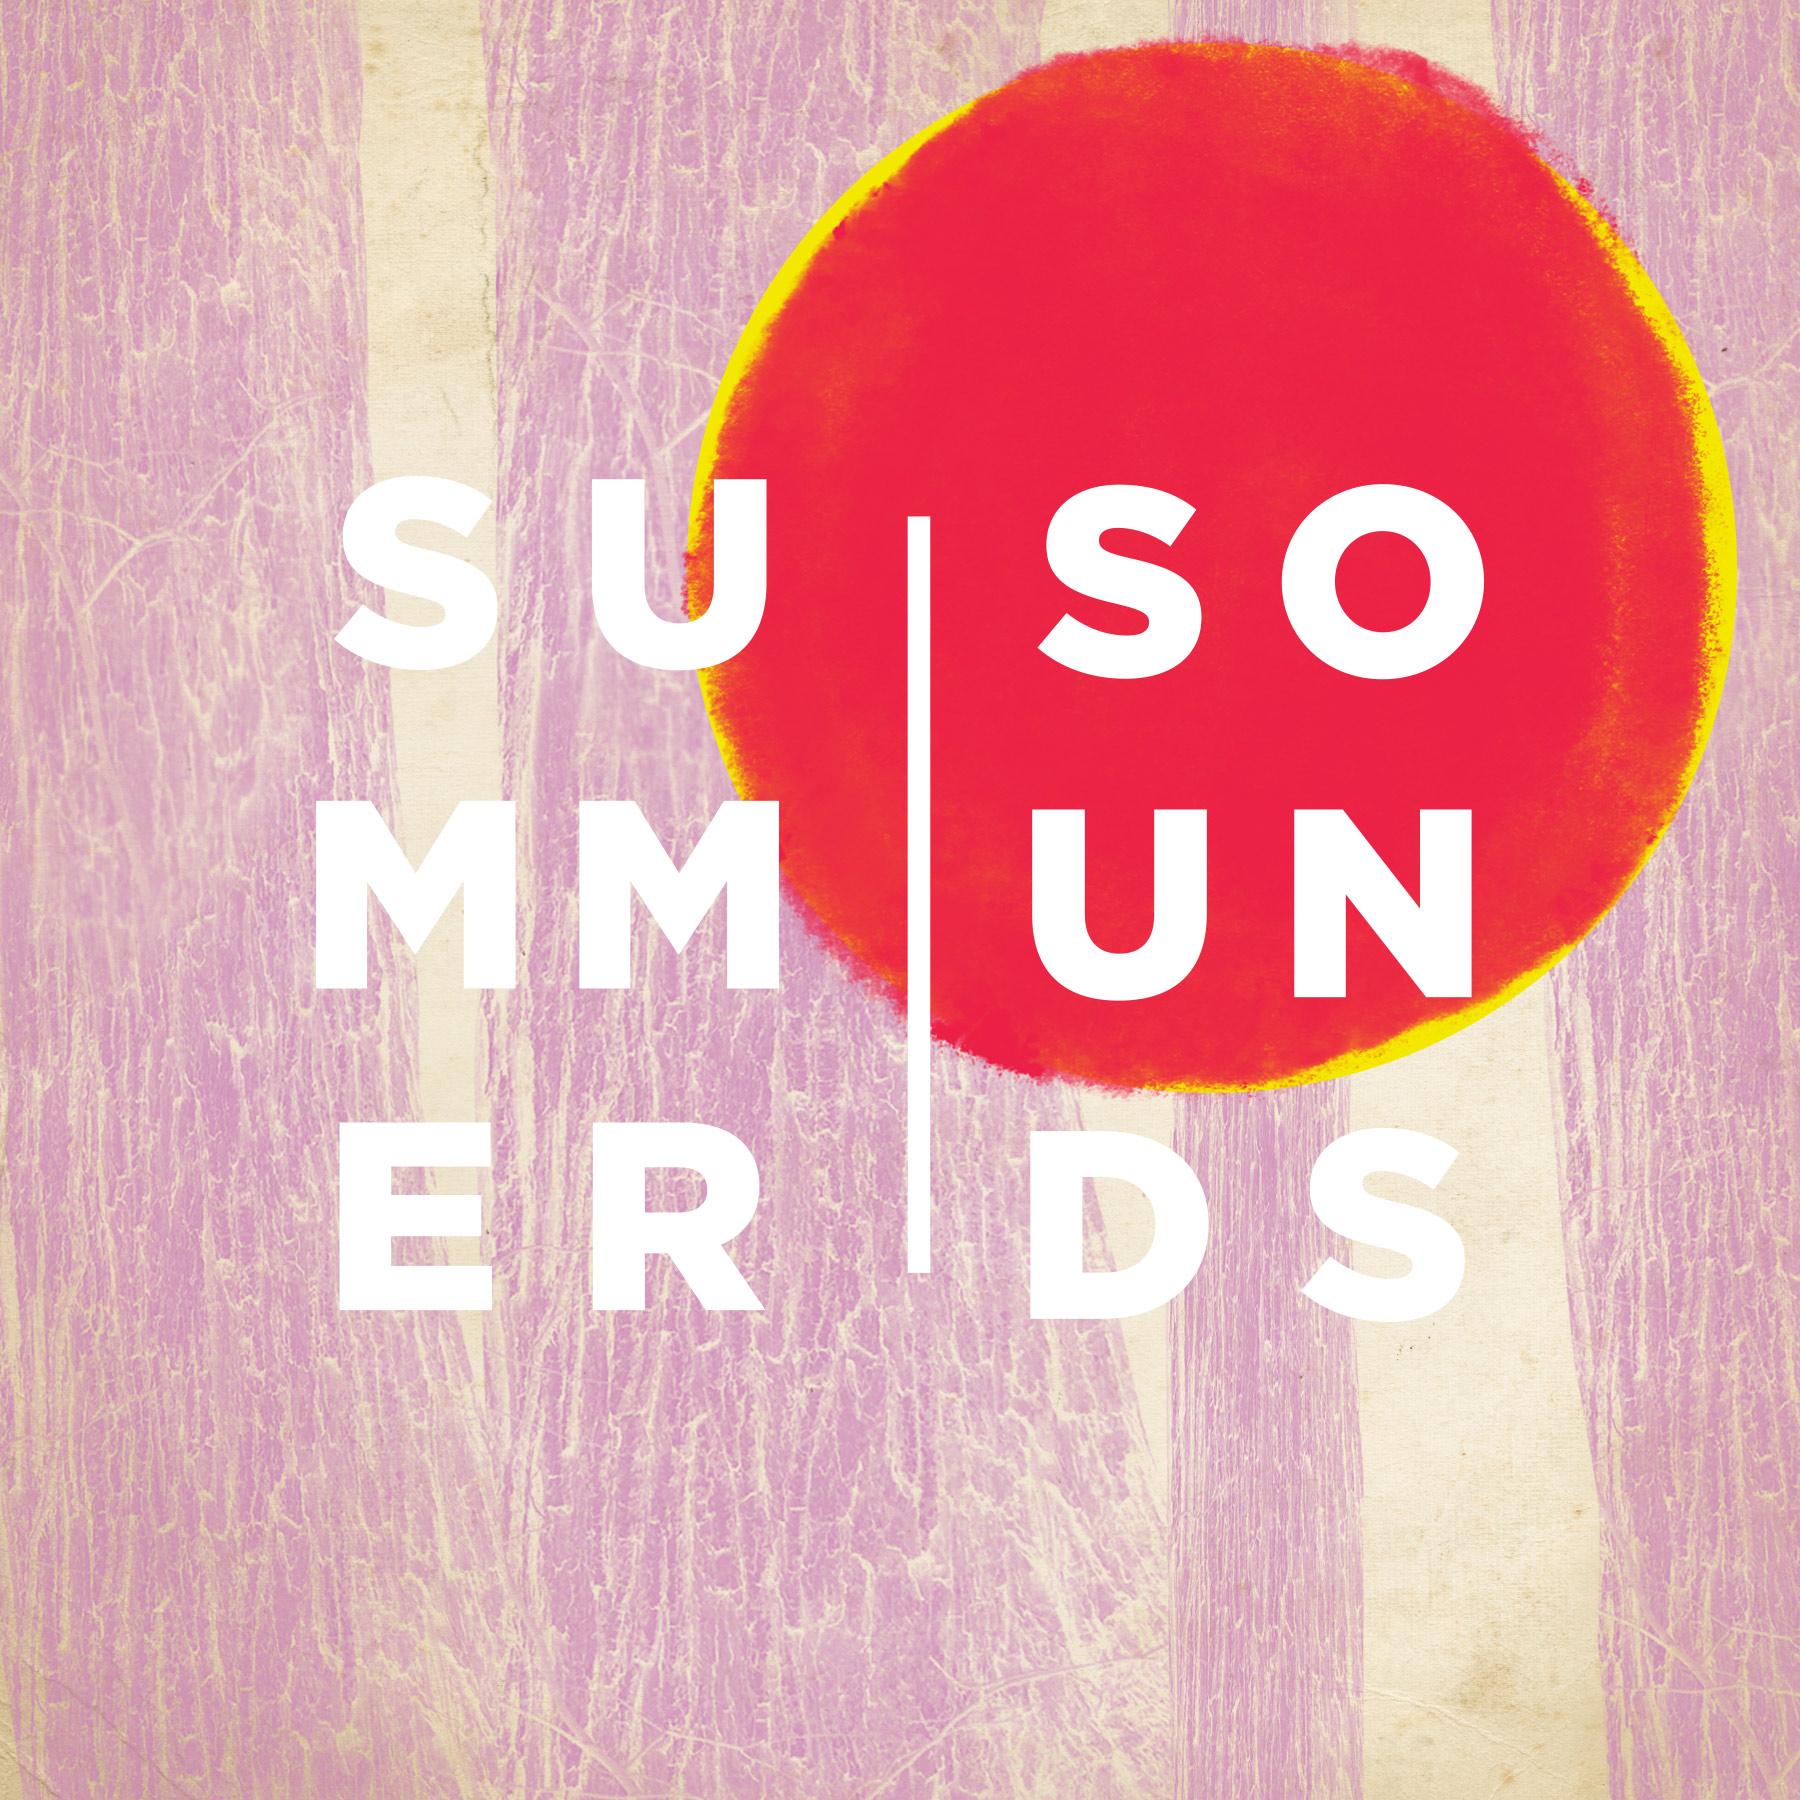 2018 Summer Sounds Concert Series